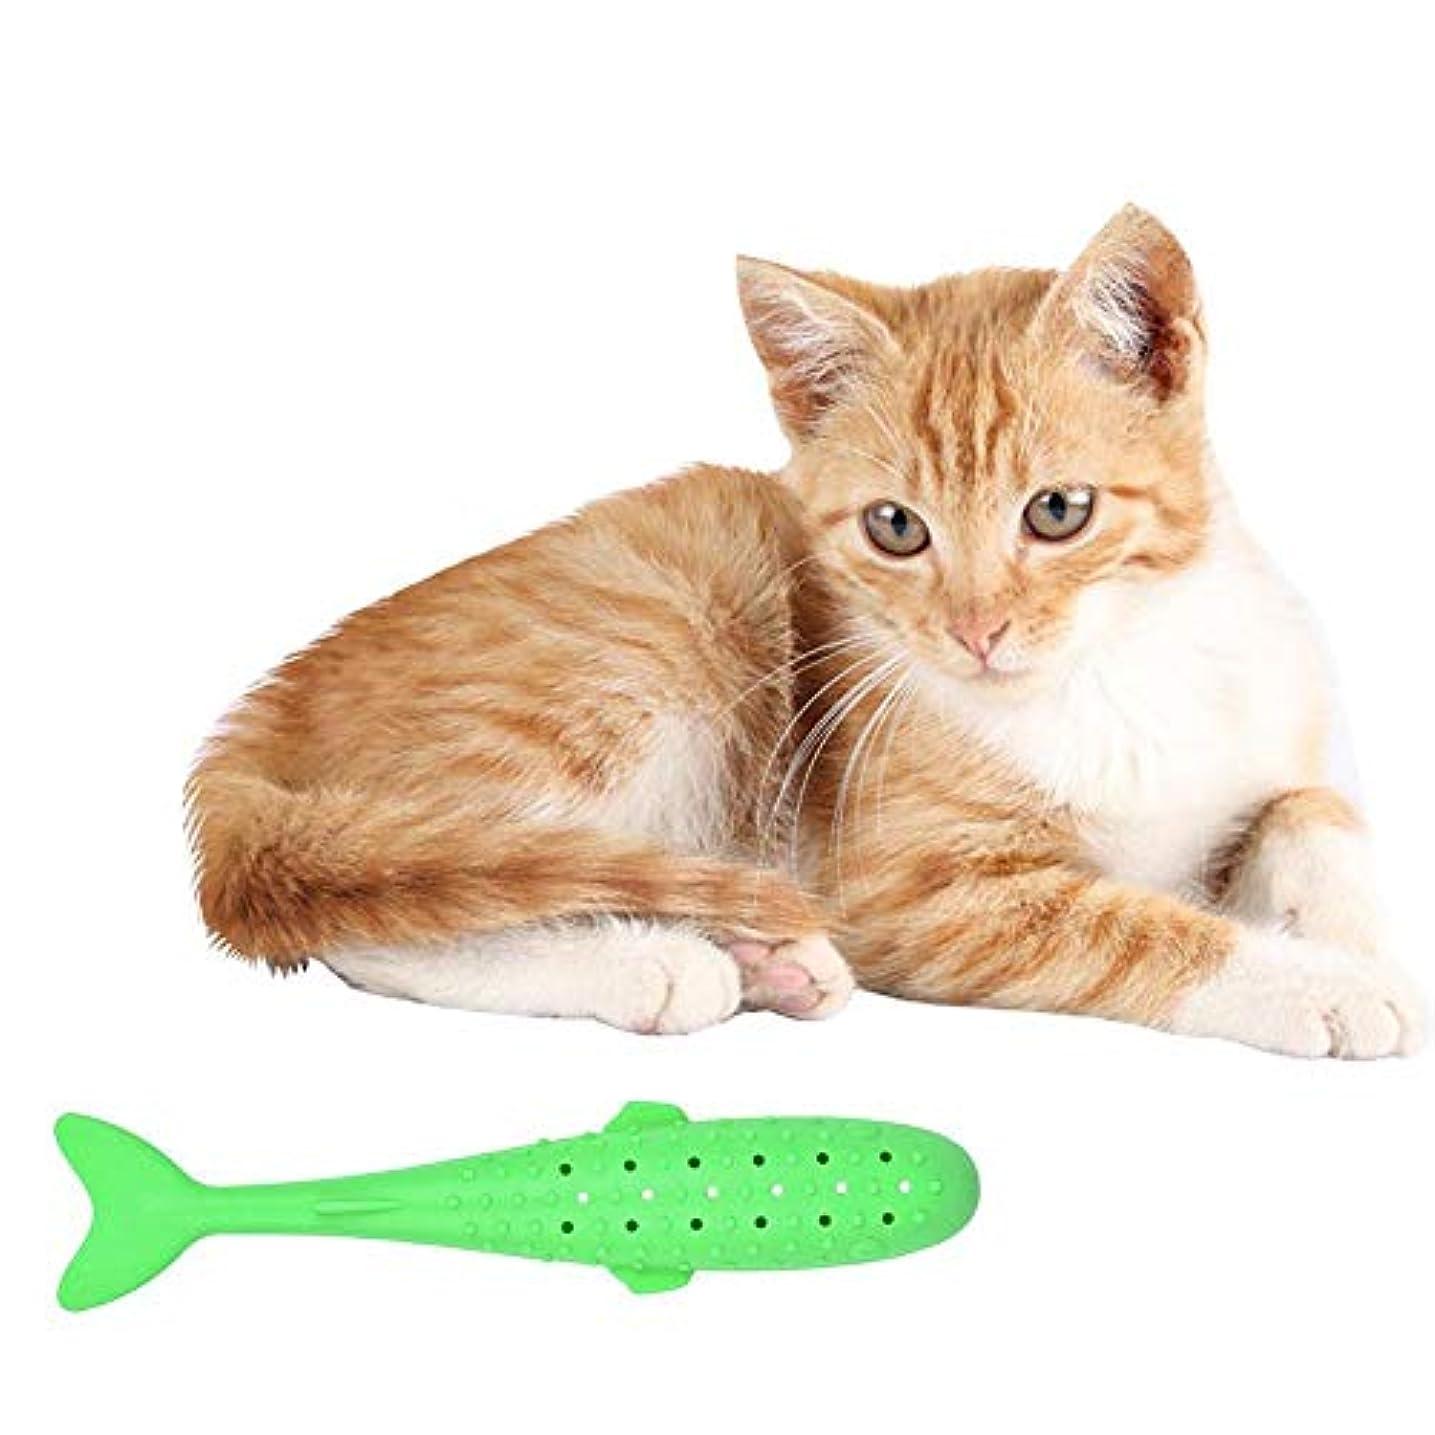 ジョージスティーブンソン上院怖がらせるhipoten インタラクティブな魚の形の歯ブラシキャットニップシミュレーションシリコーン歯のクリーニングチューおもちゃペット用品